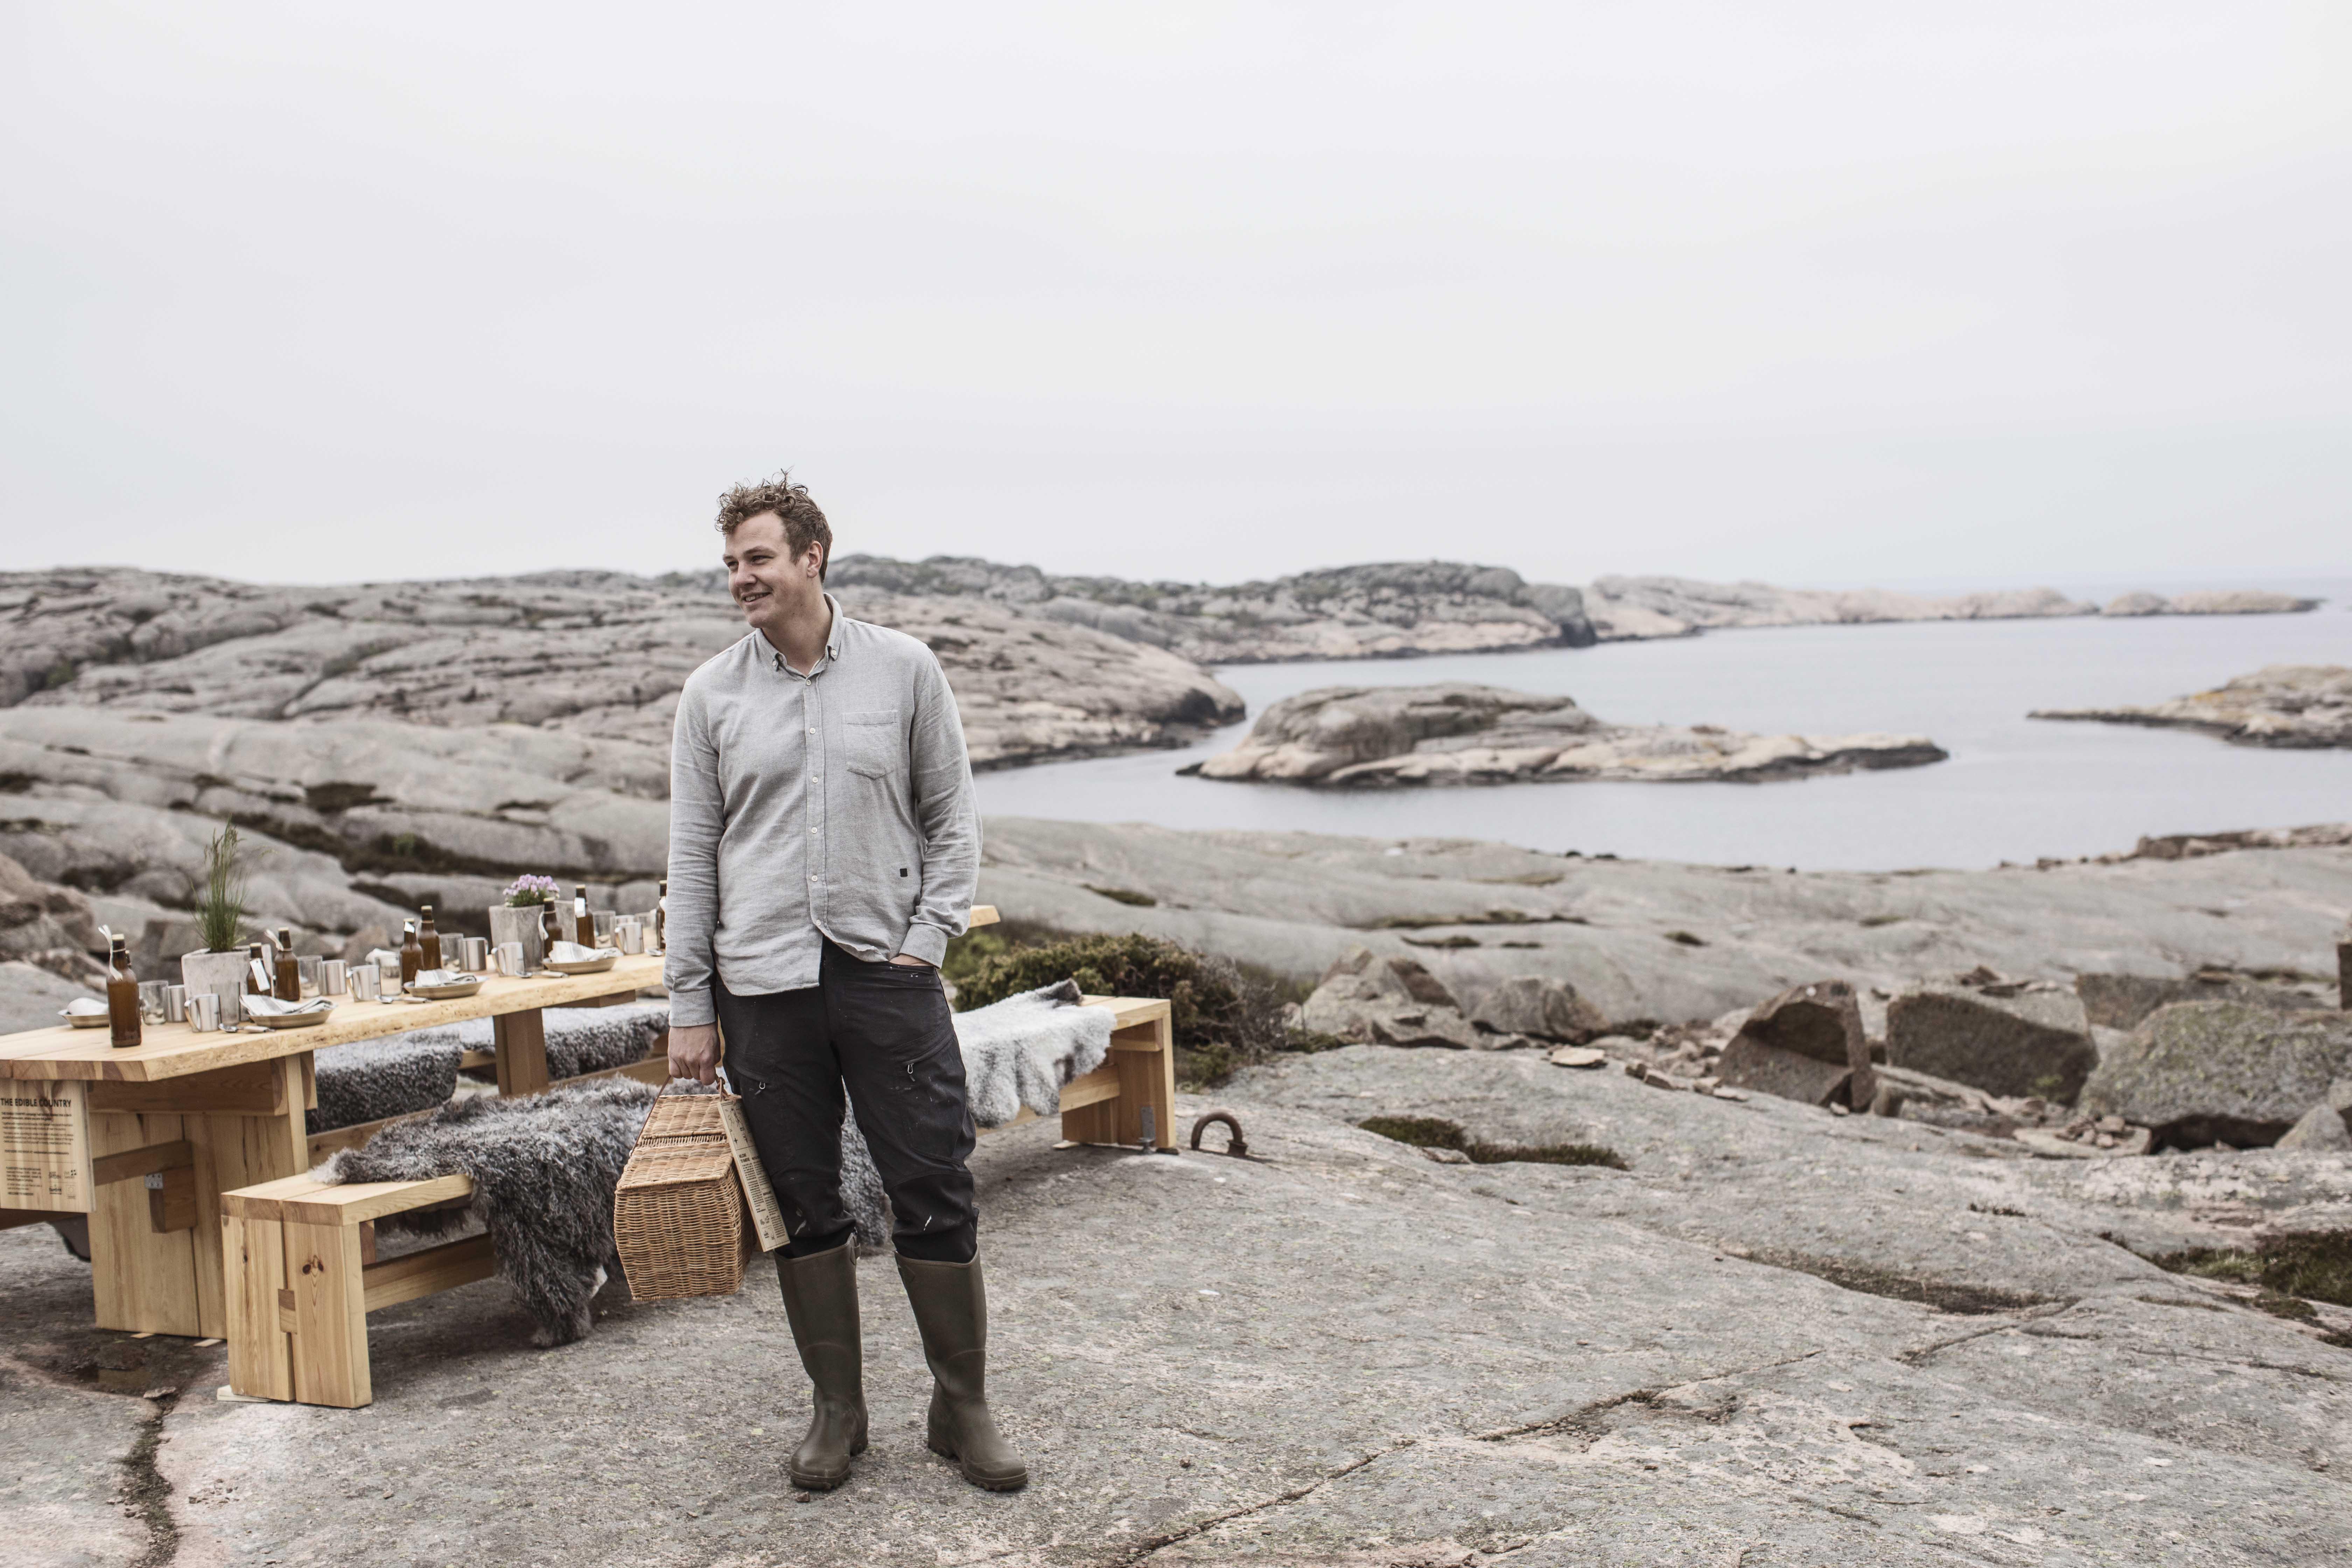 eec5e63b6df ... klipporna i bohuslänska Ramsvik utanför Hunnebostrand - maten lagas  utomhus och gästerna får njuta av den ute i det fria... men det krävs bra  väder för ...